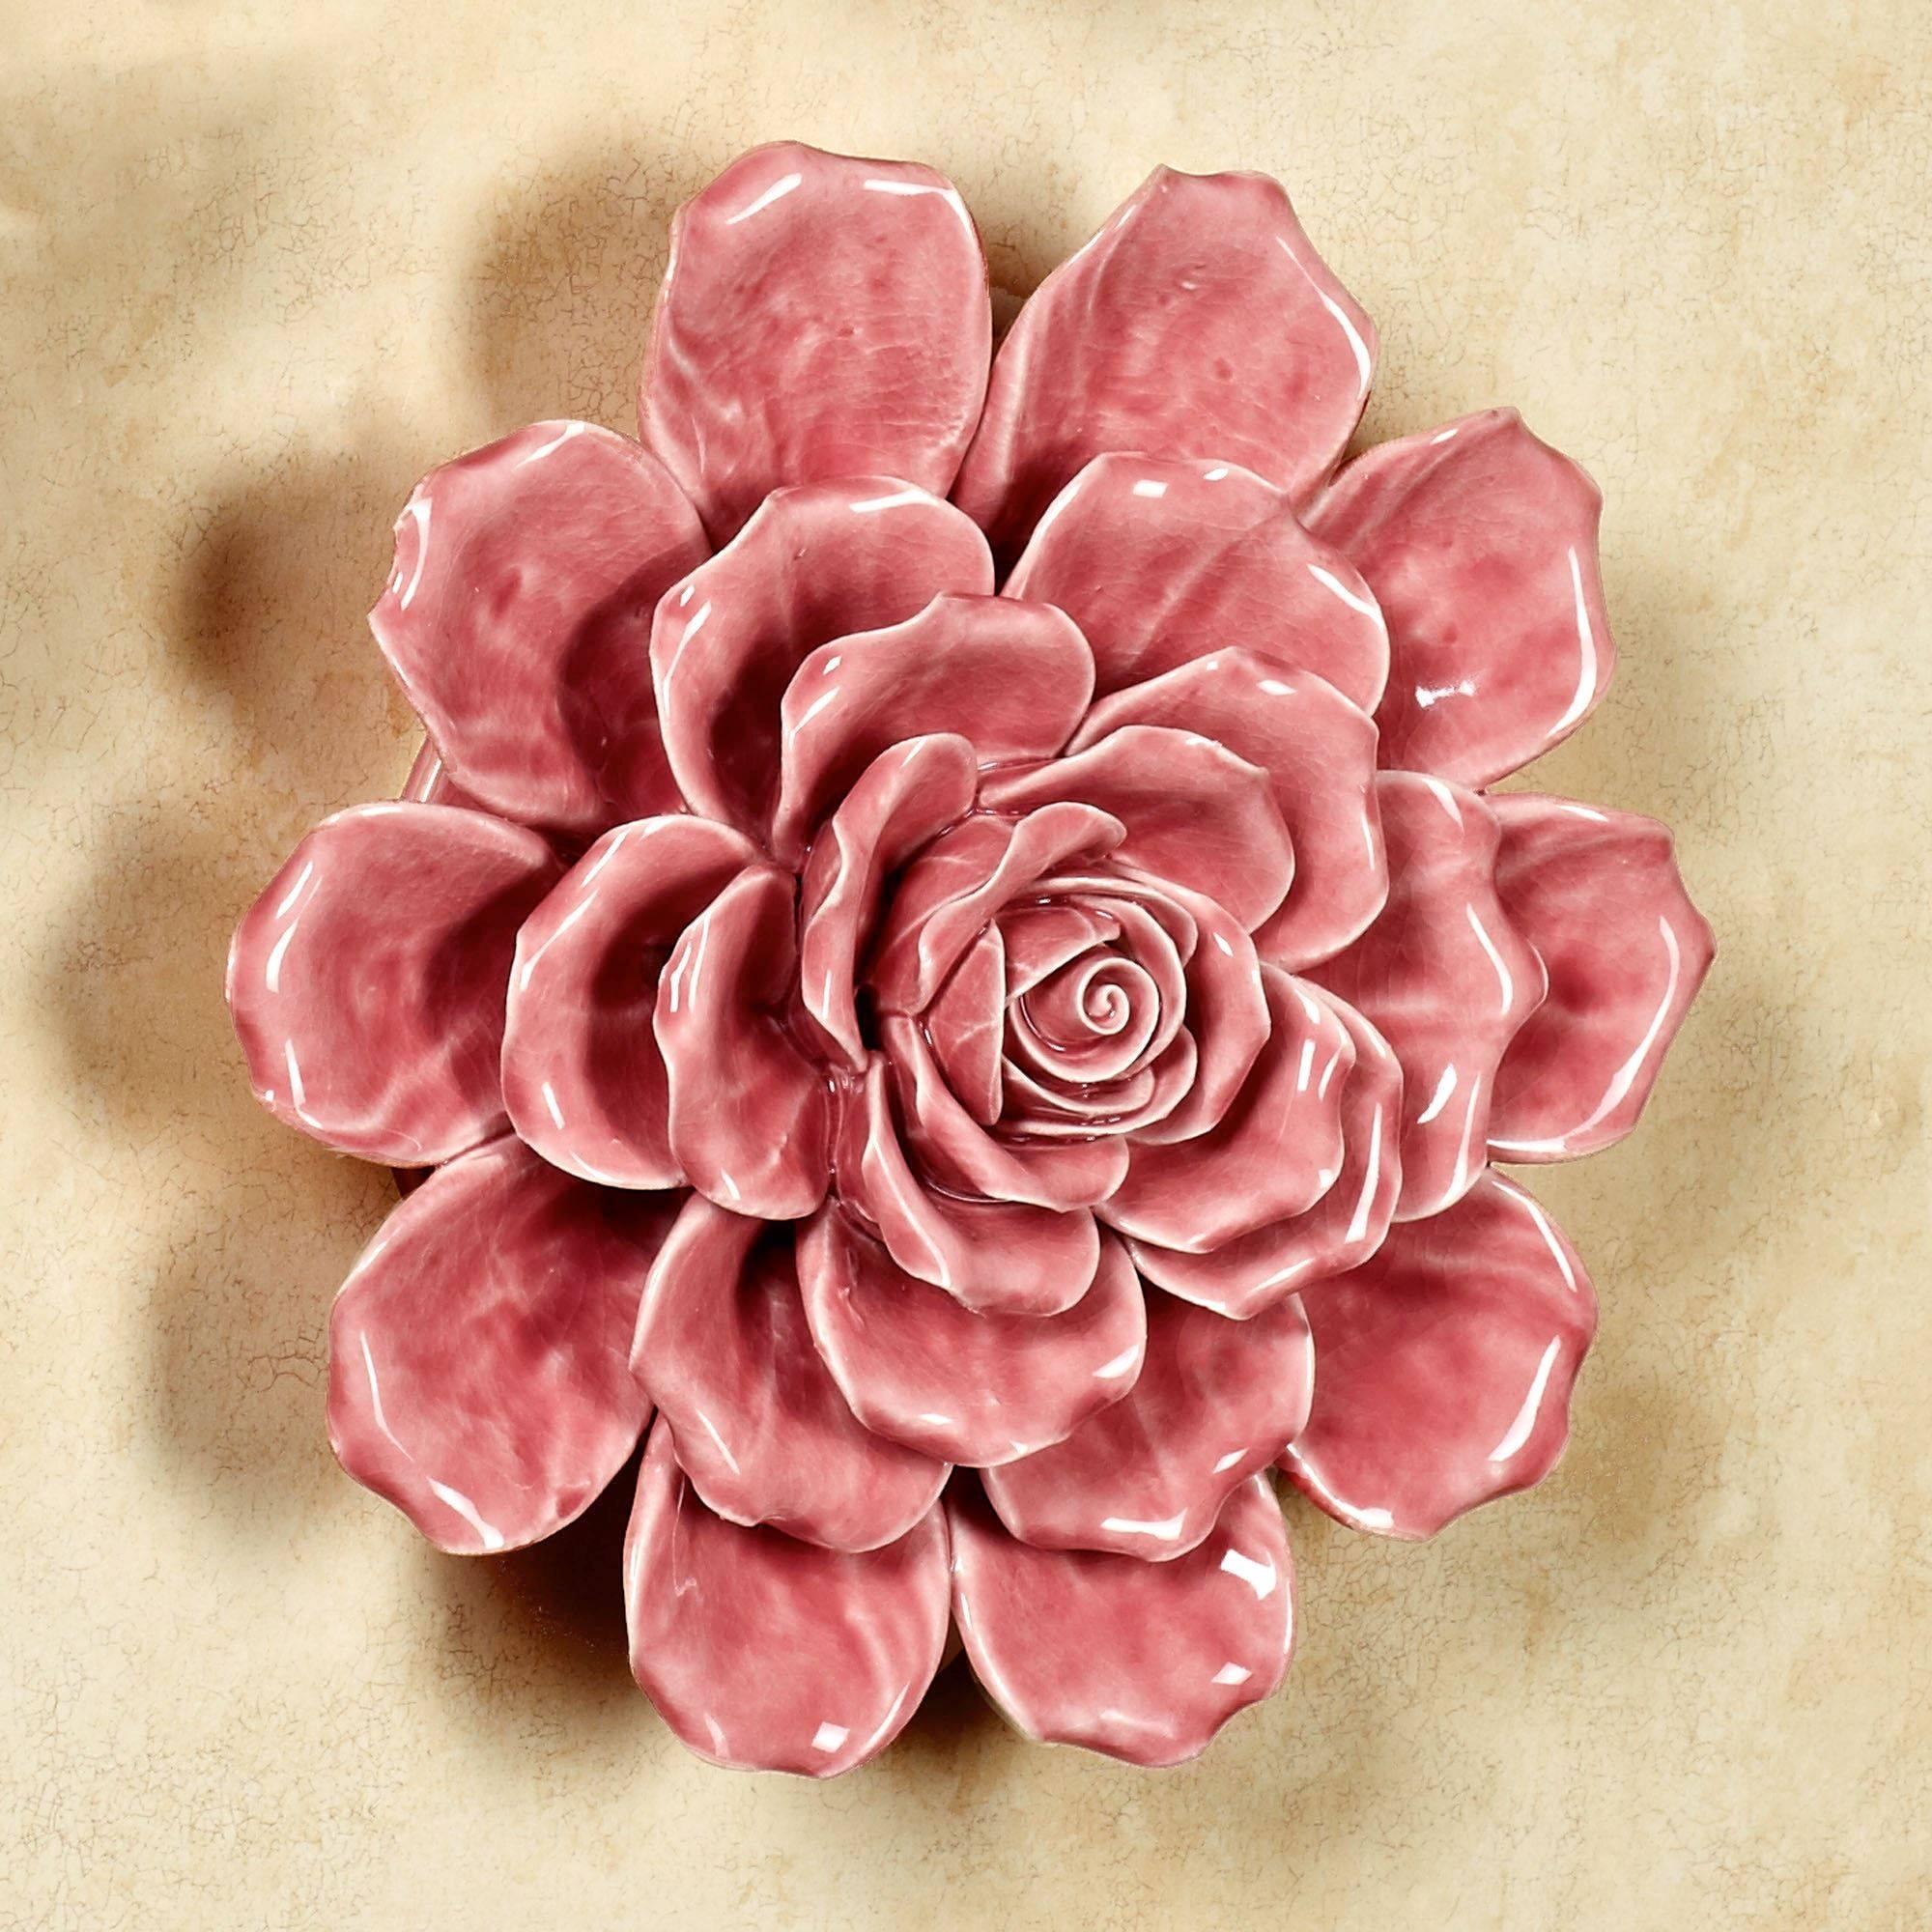 Isabella Ceramic Flower Blossom Wall Art Pertaining To 2018 Ceramic Flower Wall Art (View 9 of 30)